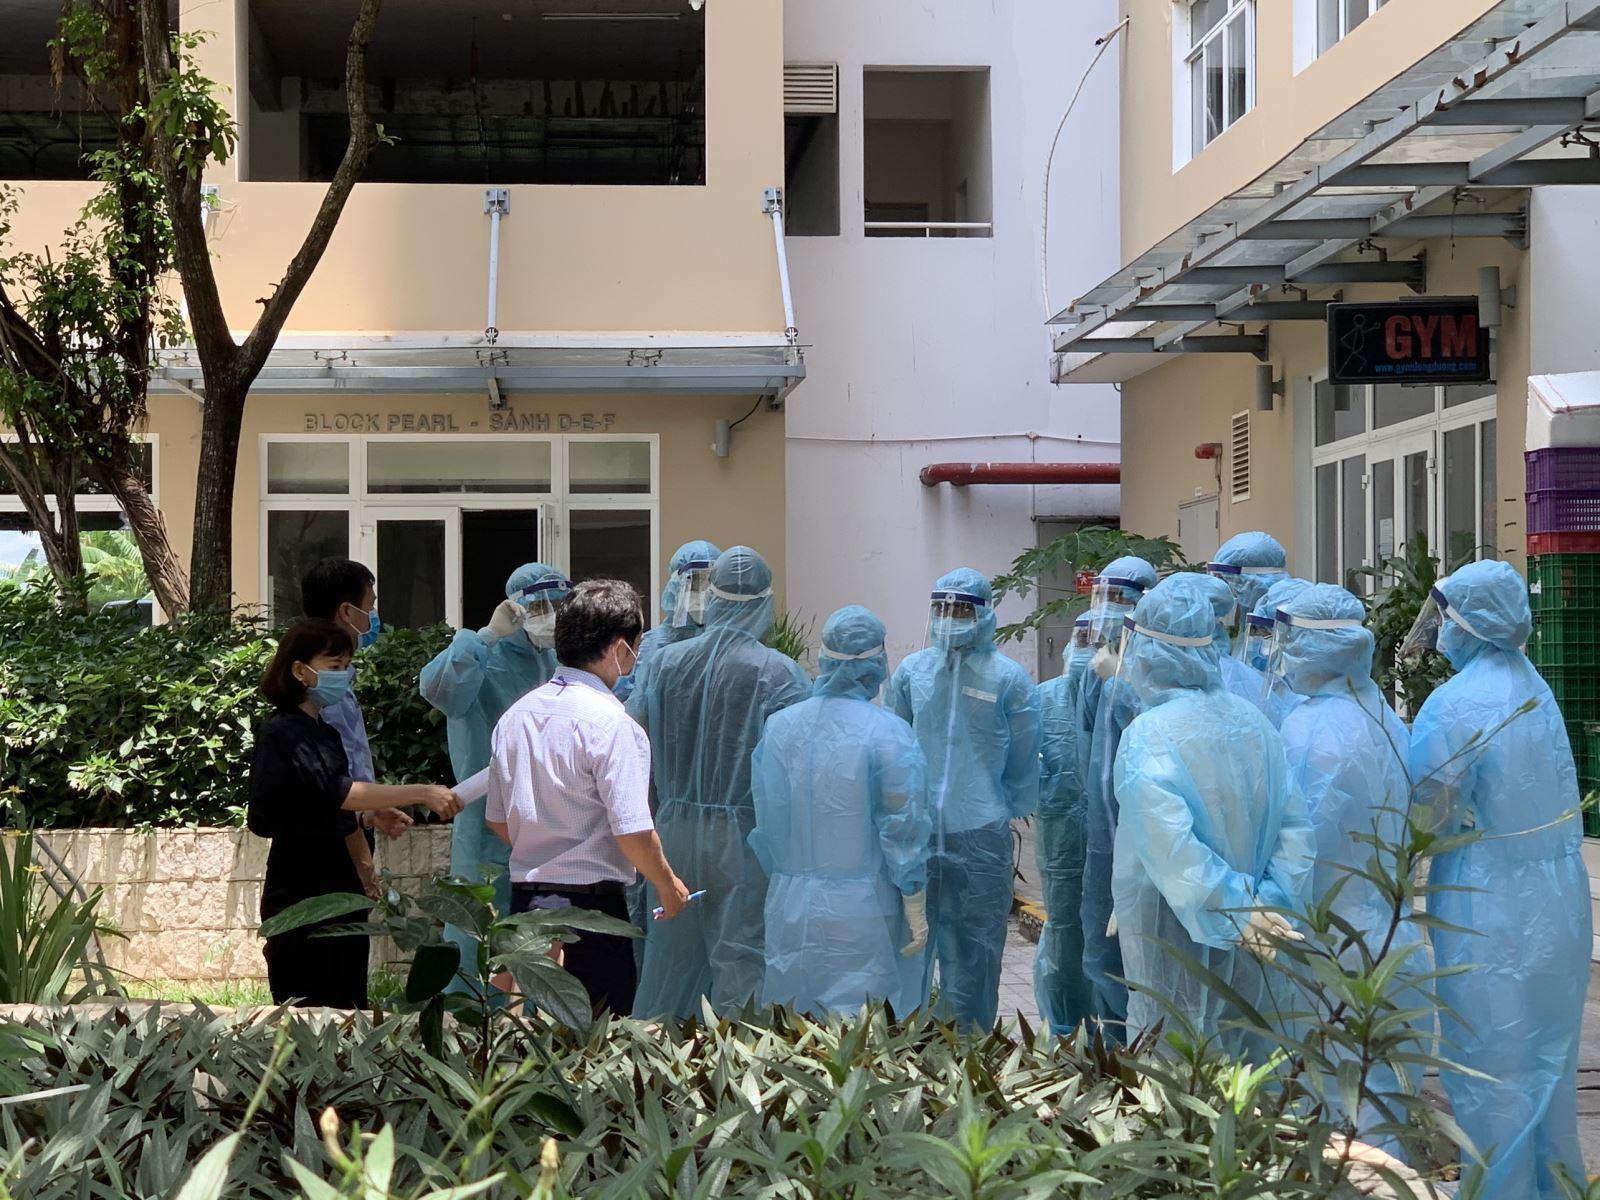 Hơn 5.000 mẫu xét nghiệm liên quan đến bệnh nhân mắc COVID-19 mới tại TP Hồ Chí Minh đã âm tính - Ảnh 1.